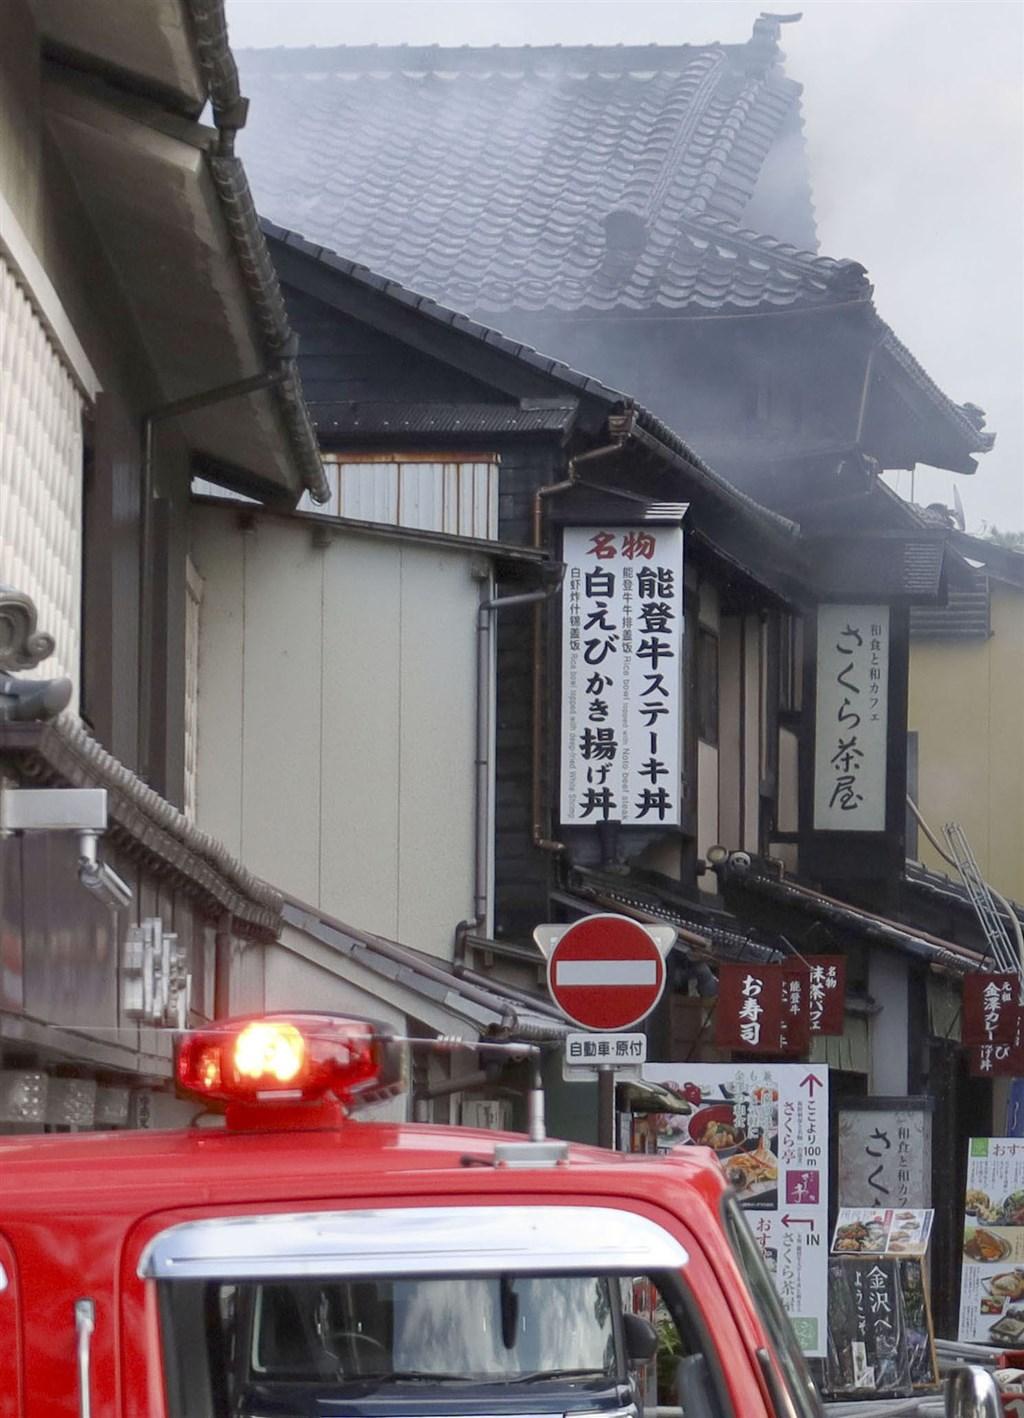 日本三名園之一兼六園的園區外一間餐飲店21日發生火警,火勢延燒約一小時後被撲滅,無人傷亡,也未波及兼六園。(共同社)